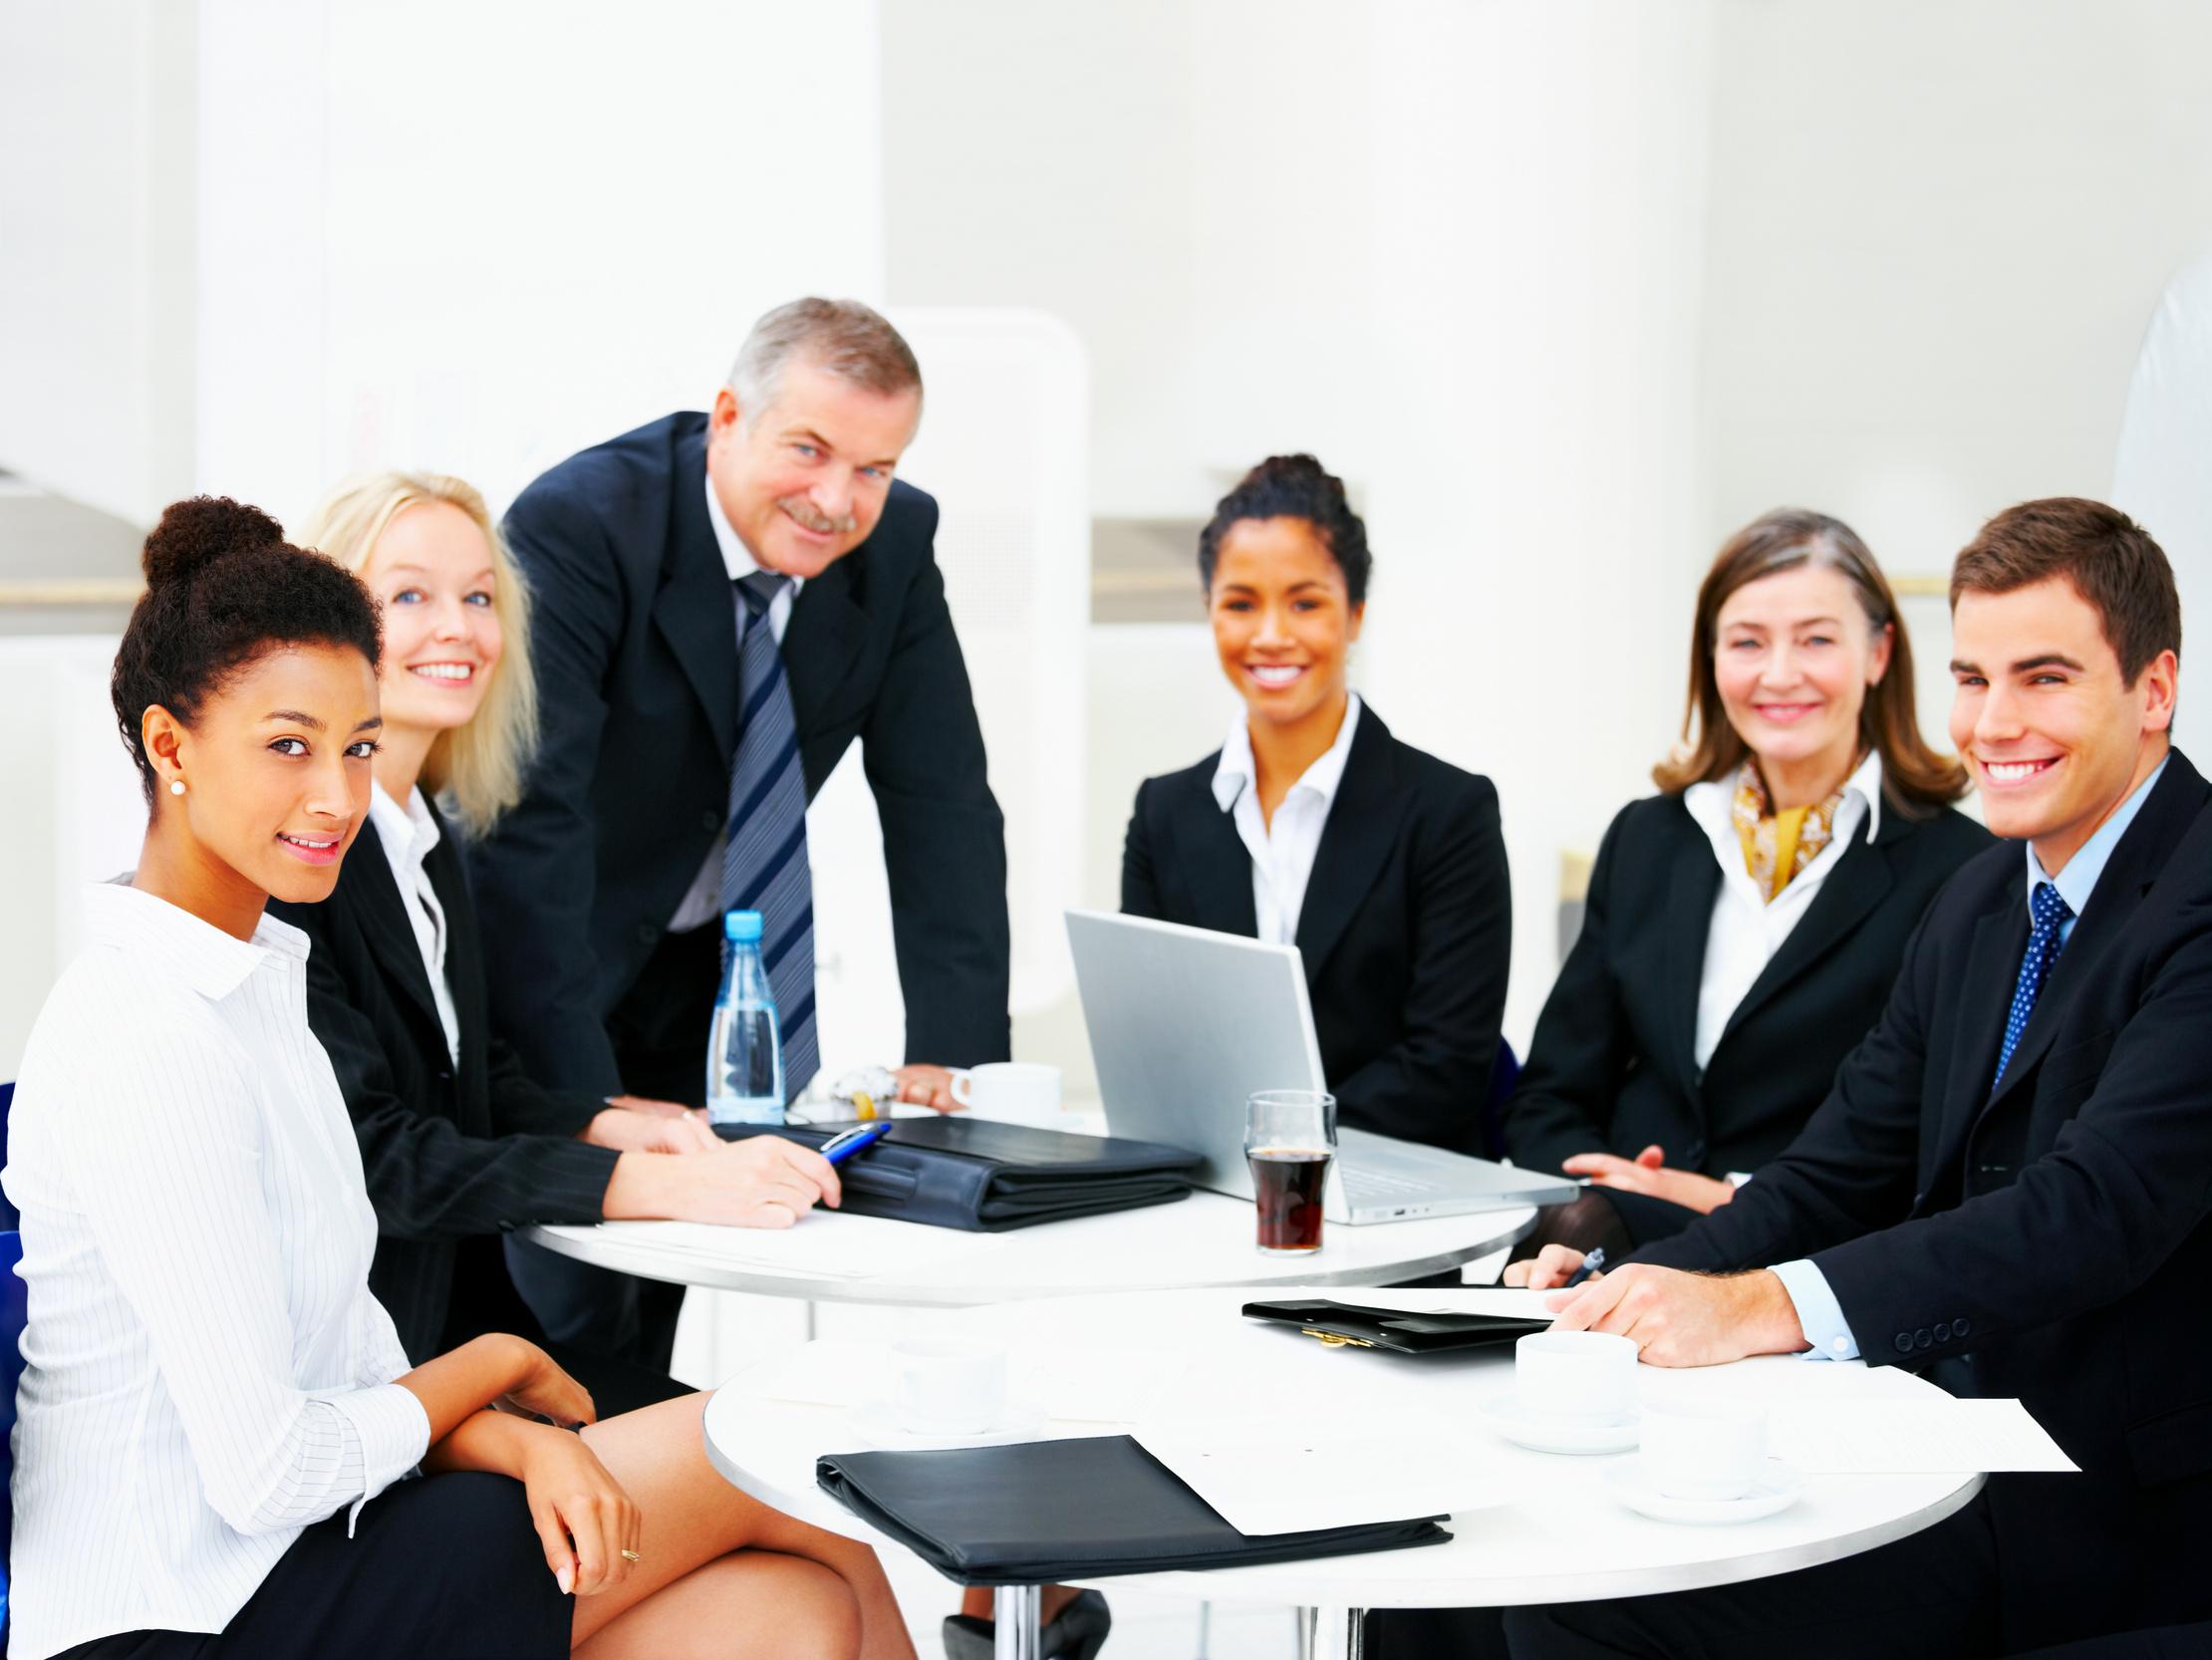 Delegar tarefas: Veja como esse procedimento pode lhe ajudar alcançar suas metas